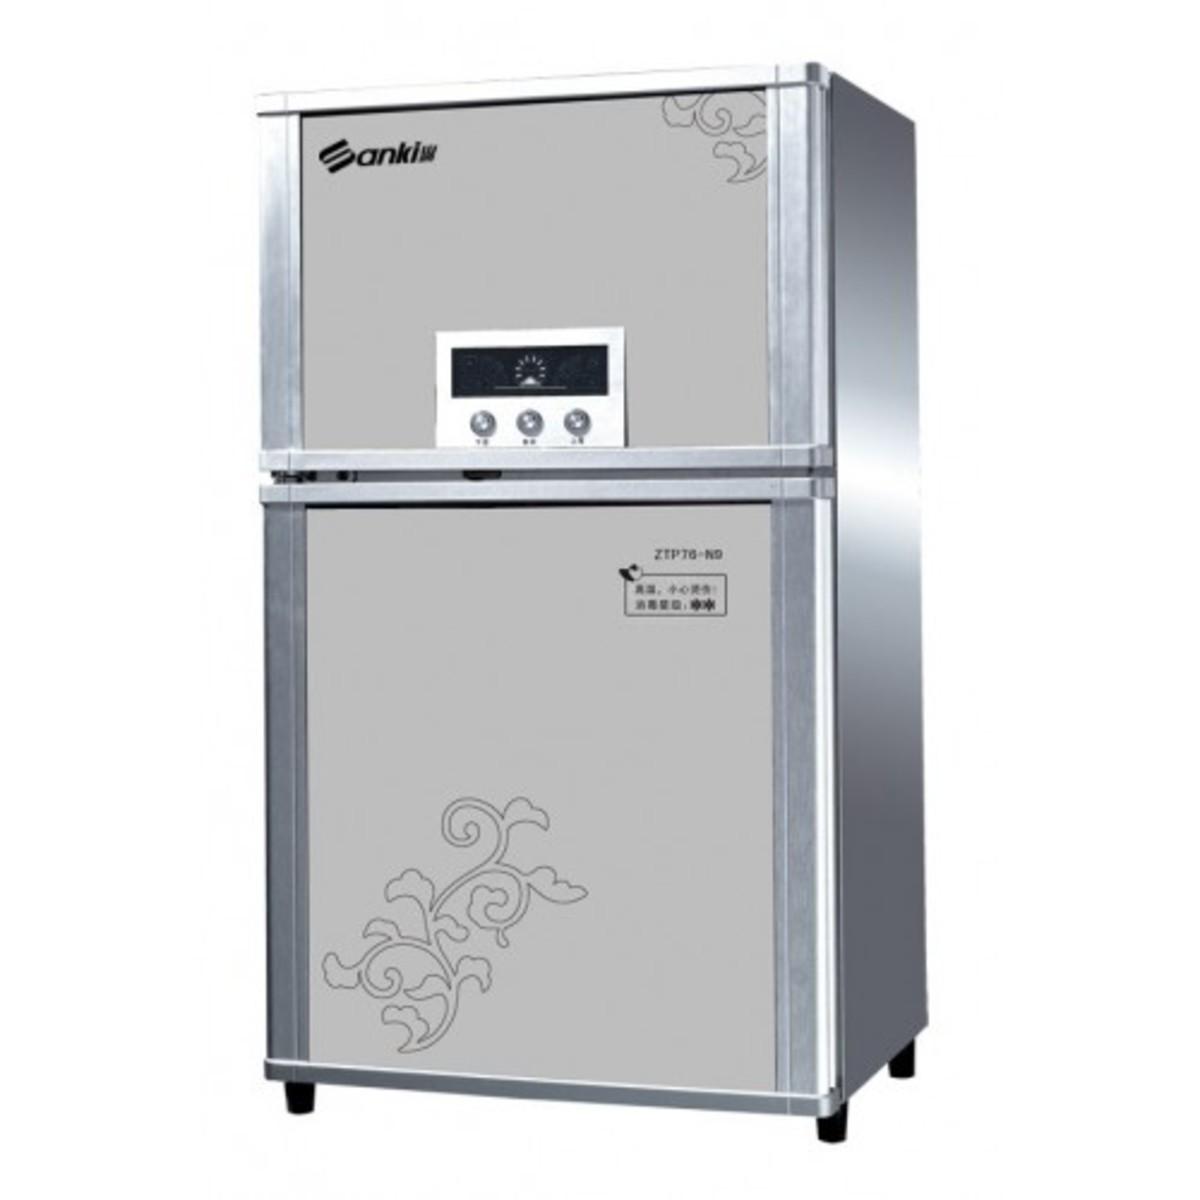 68公升 雙門光波型消毒碗櫃 SK-LW76